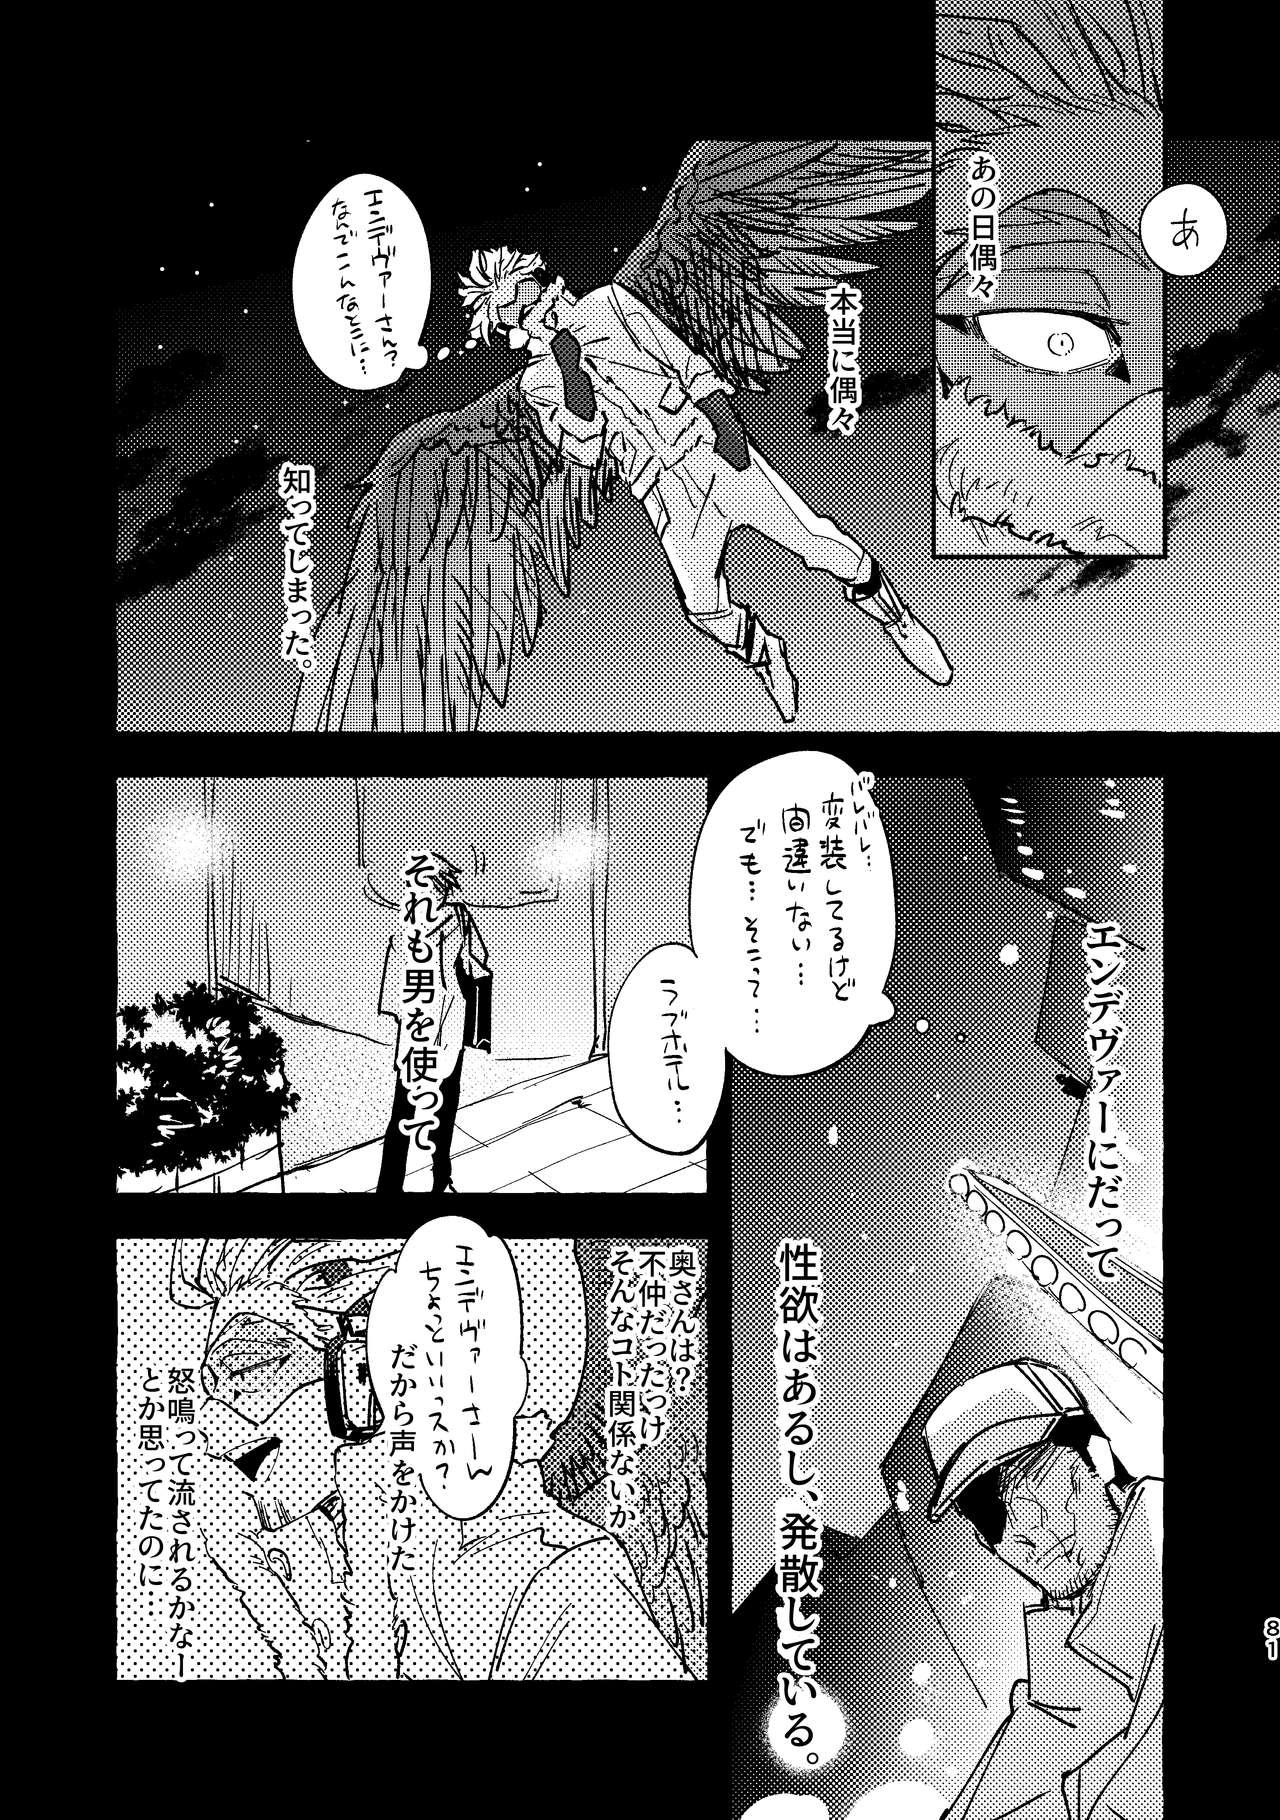 WEB Sairoku Zumi HawEn Manga ga Kami demo Yomeru Hon. 80